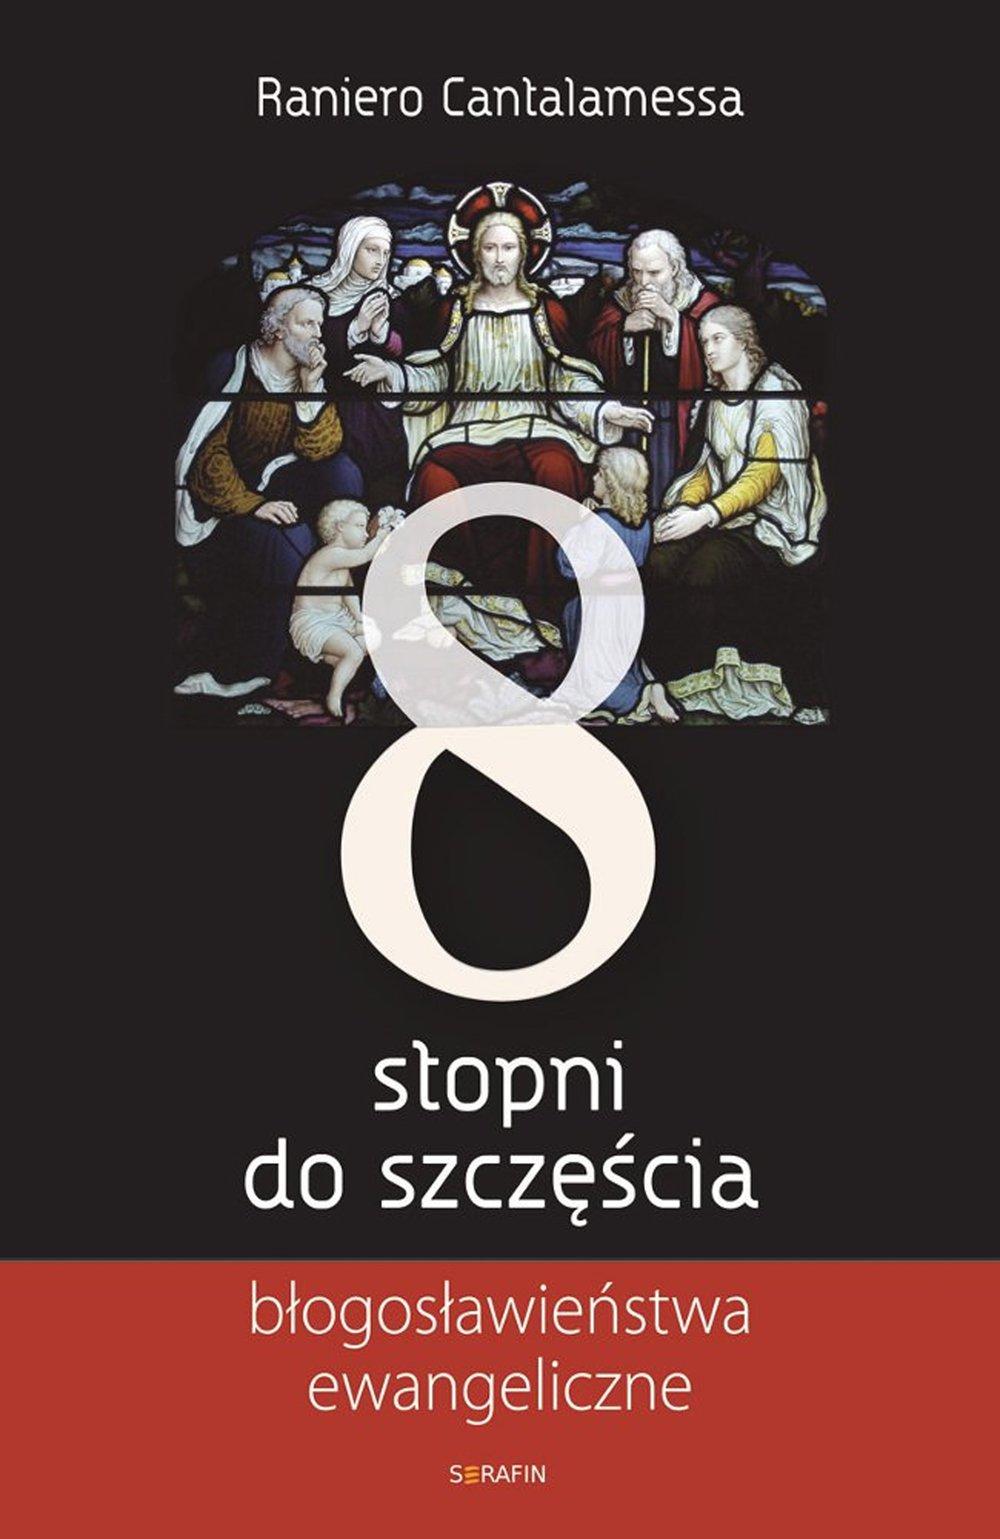 Osiem stopni do szczęścia. Błogosławieństwa ewangeliczne - Ebook (Książka EPUB) do pobrania w formacie EPUB